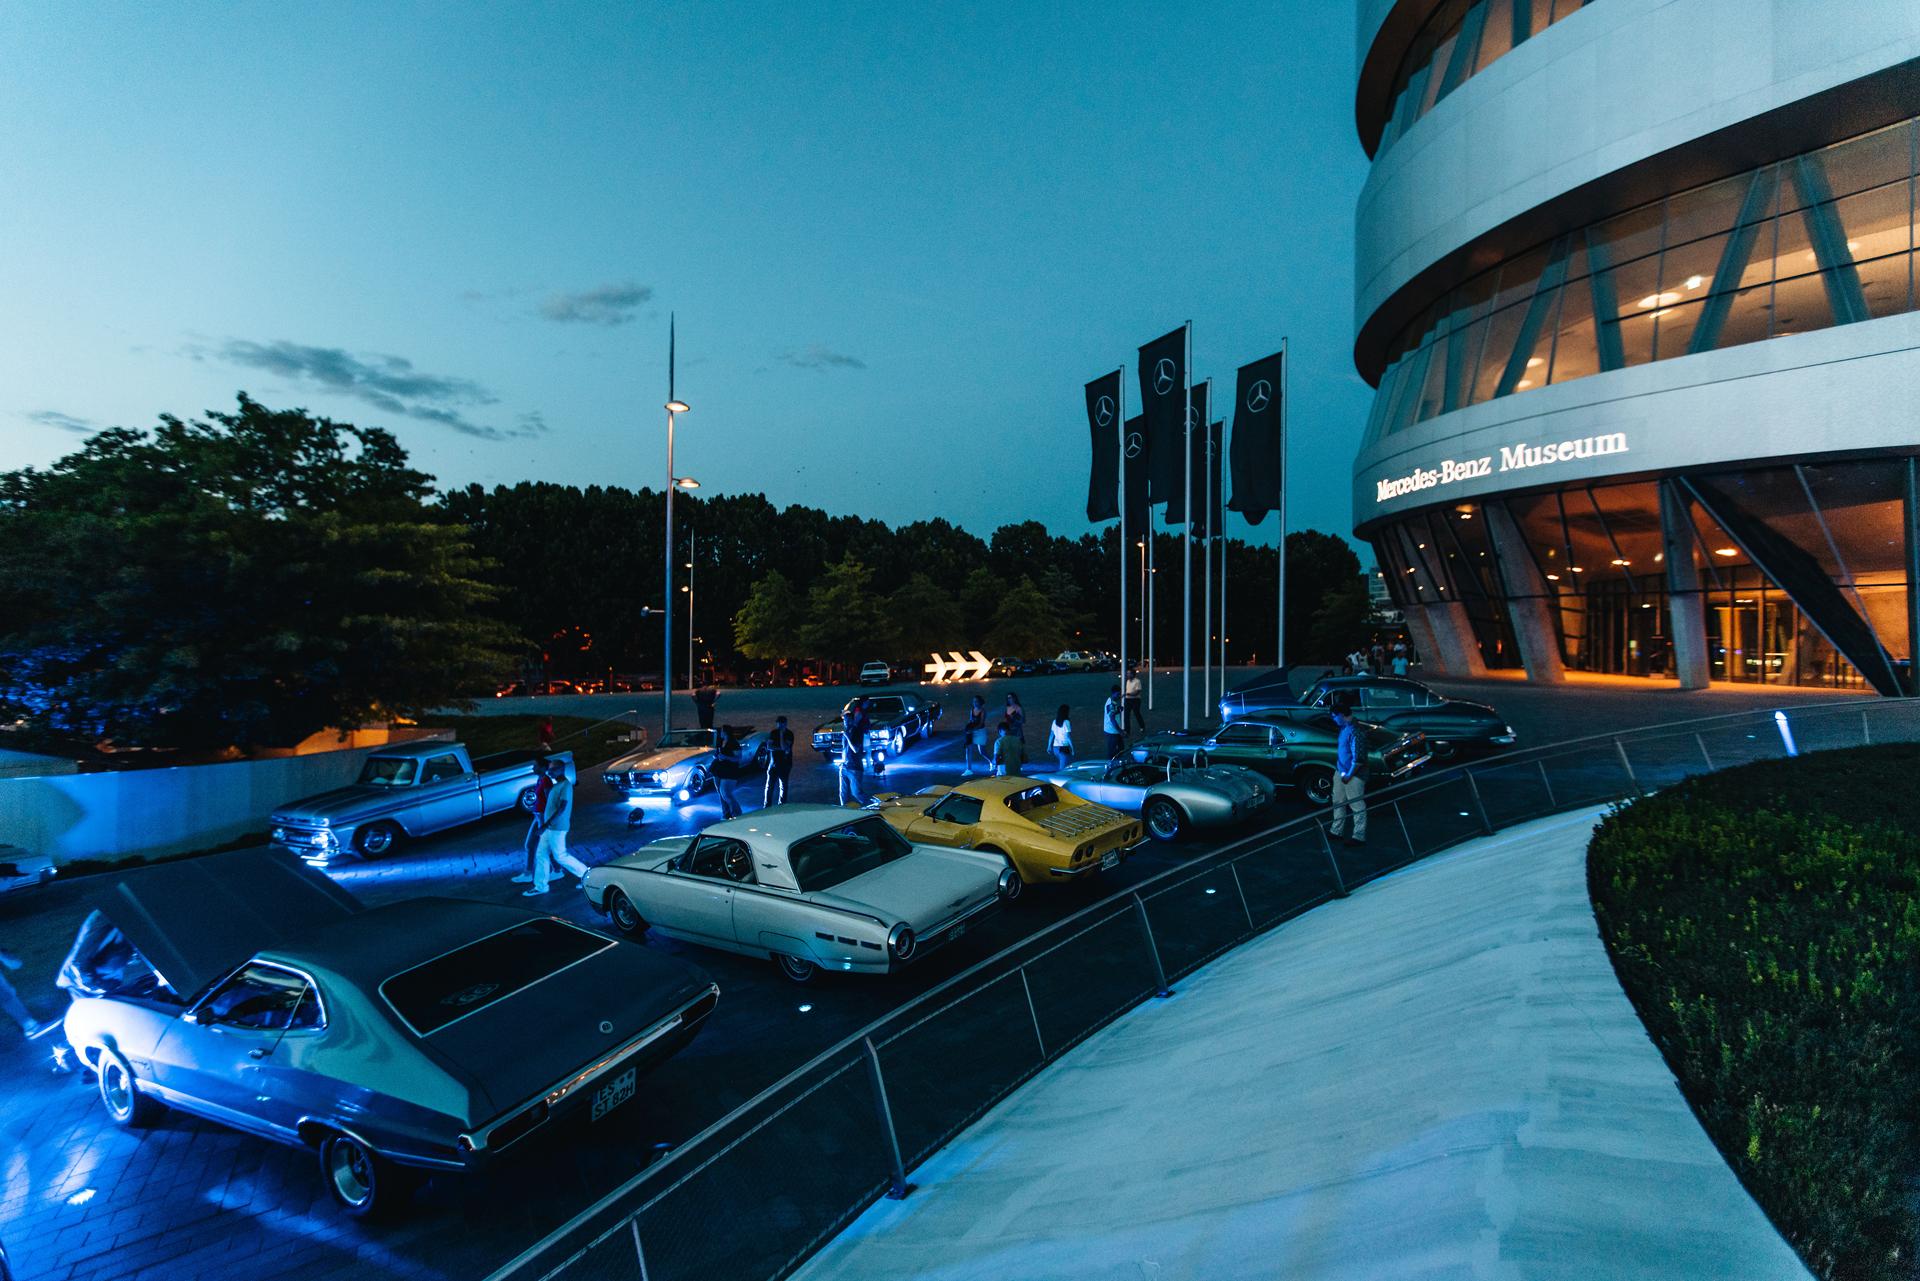 """Automobile Sommertreffs """"Classics & Coffee"""" sowie """"Sterne unterm Stern"""" am Mercedes-Benz Museum von Juni bis Oktober 2021. Foto der Veranstaltung unter dem früheren Namen """"Cars & Coffee"""" in der Sonderausgabe """"Nightshift"""" mit """"Salsa unter den Sternen"""" am 10. August 2019."""